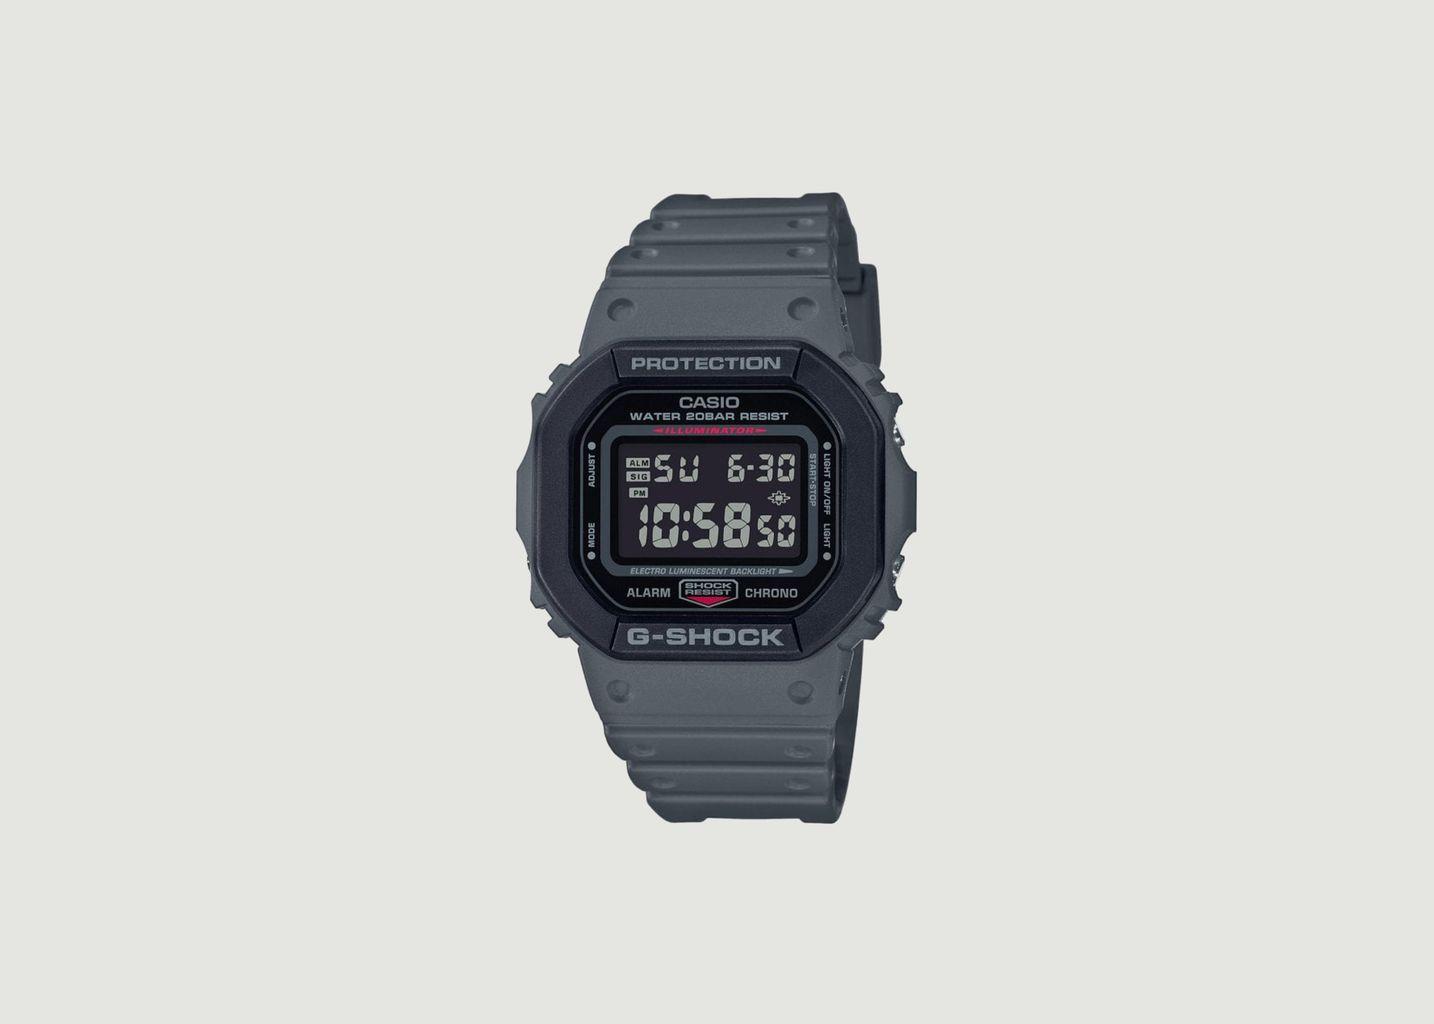 Montre G-SHOCK 5610SU - Casio G-SHOCK